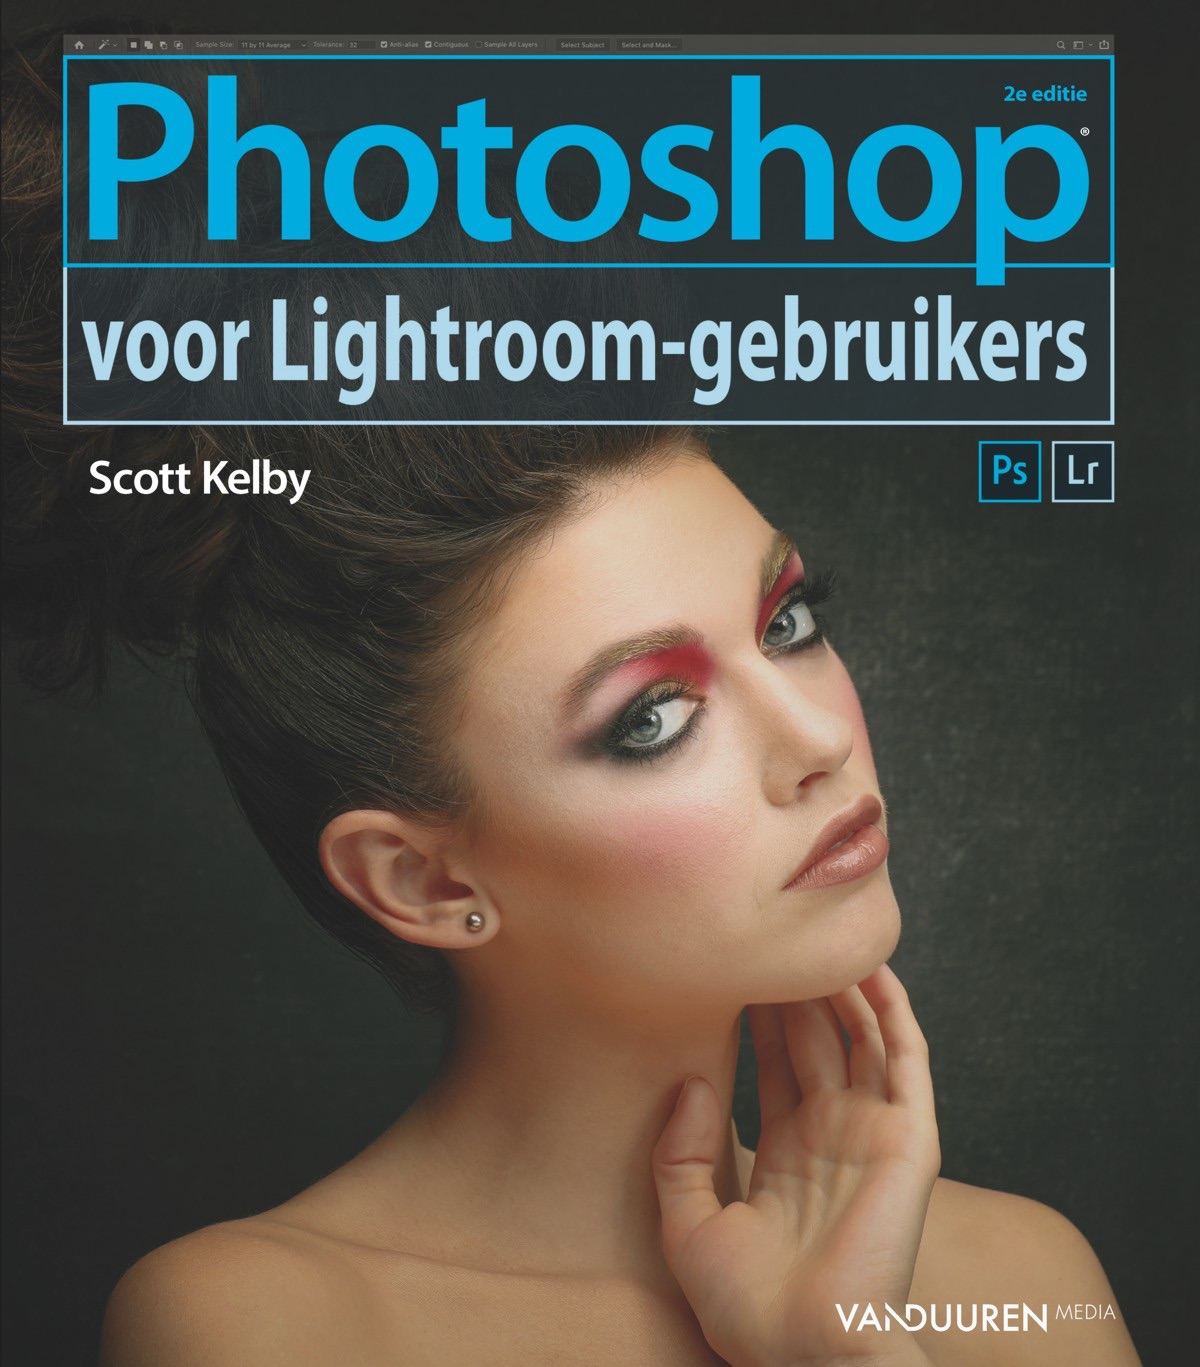 omslagfoto van het boek Photoshop voor Lightroom-gebruikers van Scott Kelby